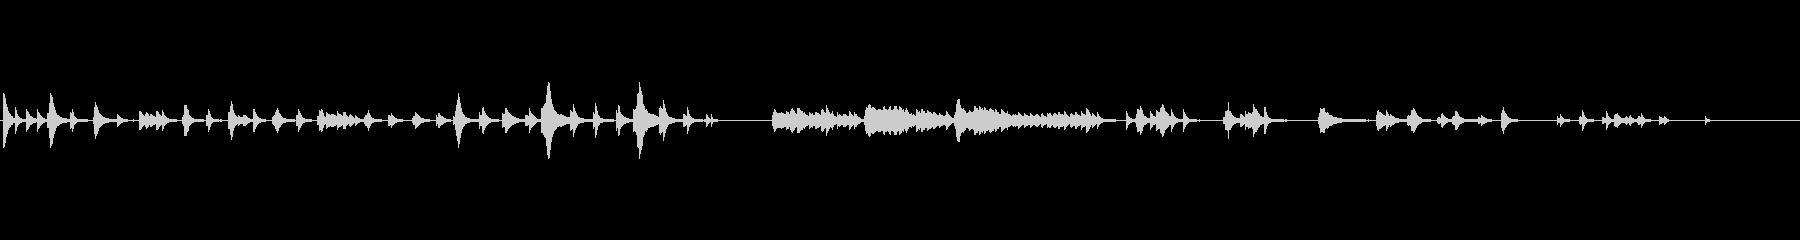 生演奏切ないピアノソロbpm80の未再生の波形